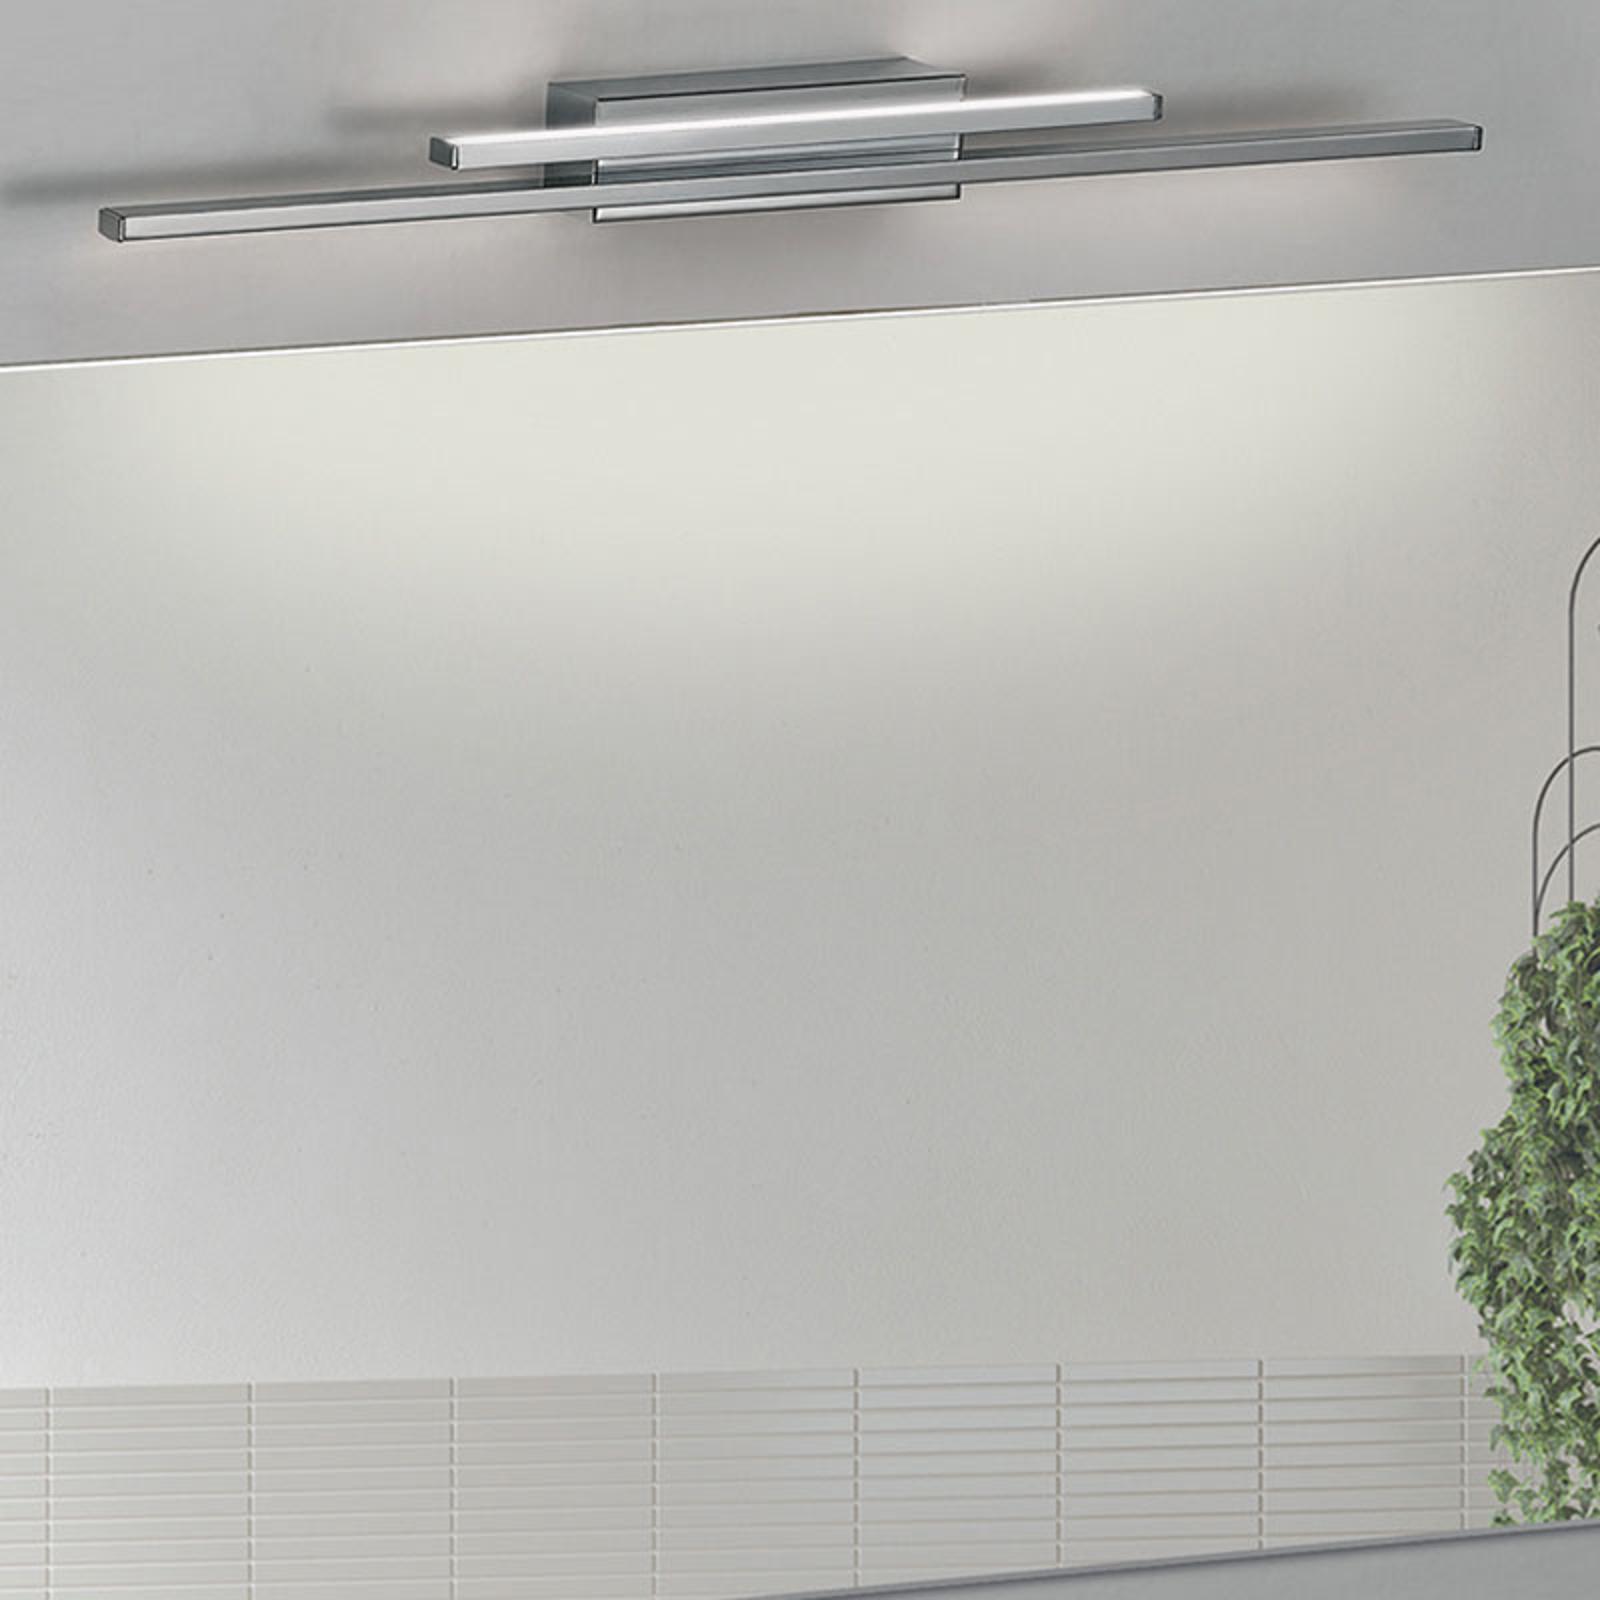 Applique salle de bain LED Dos, chromée, 2 l, IP44